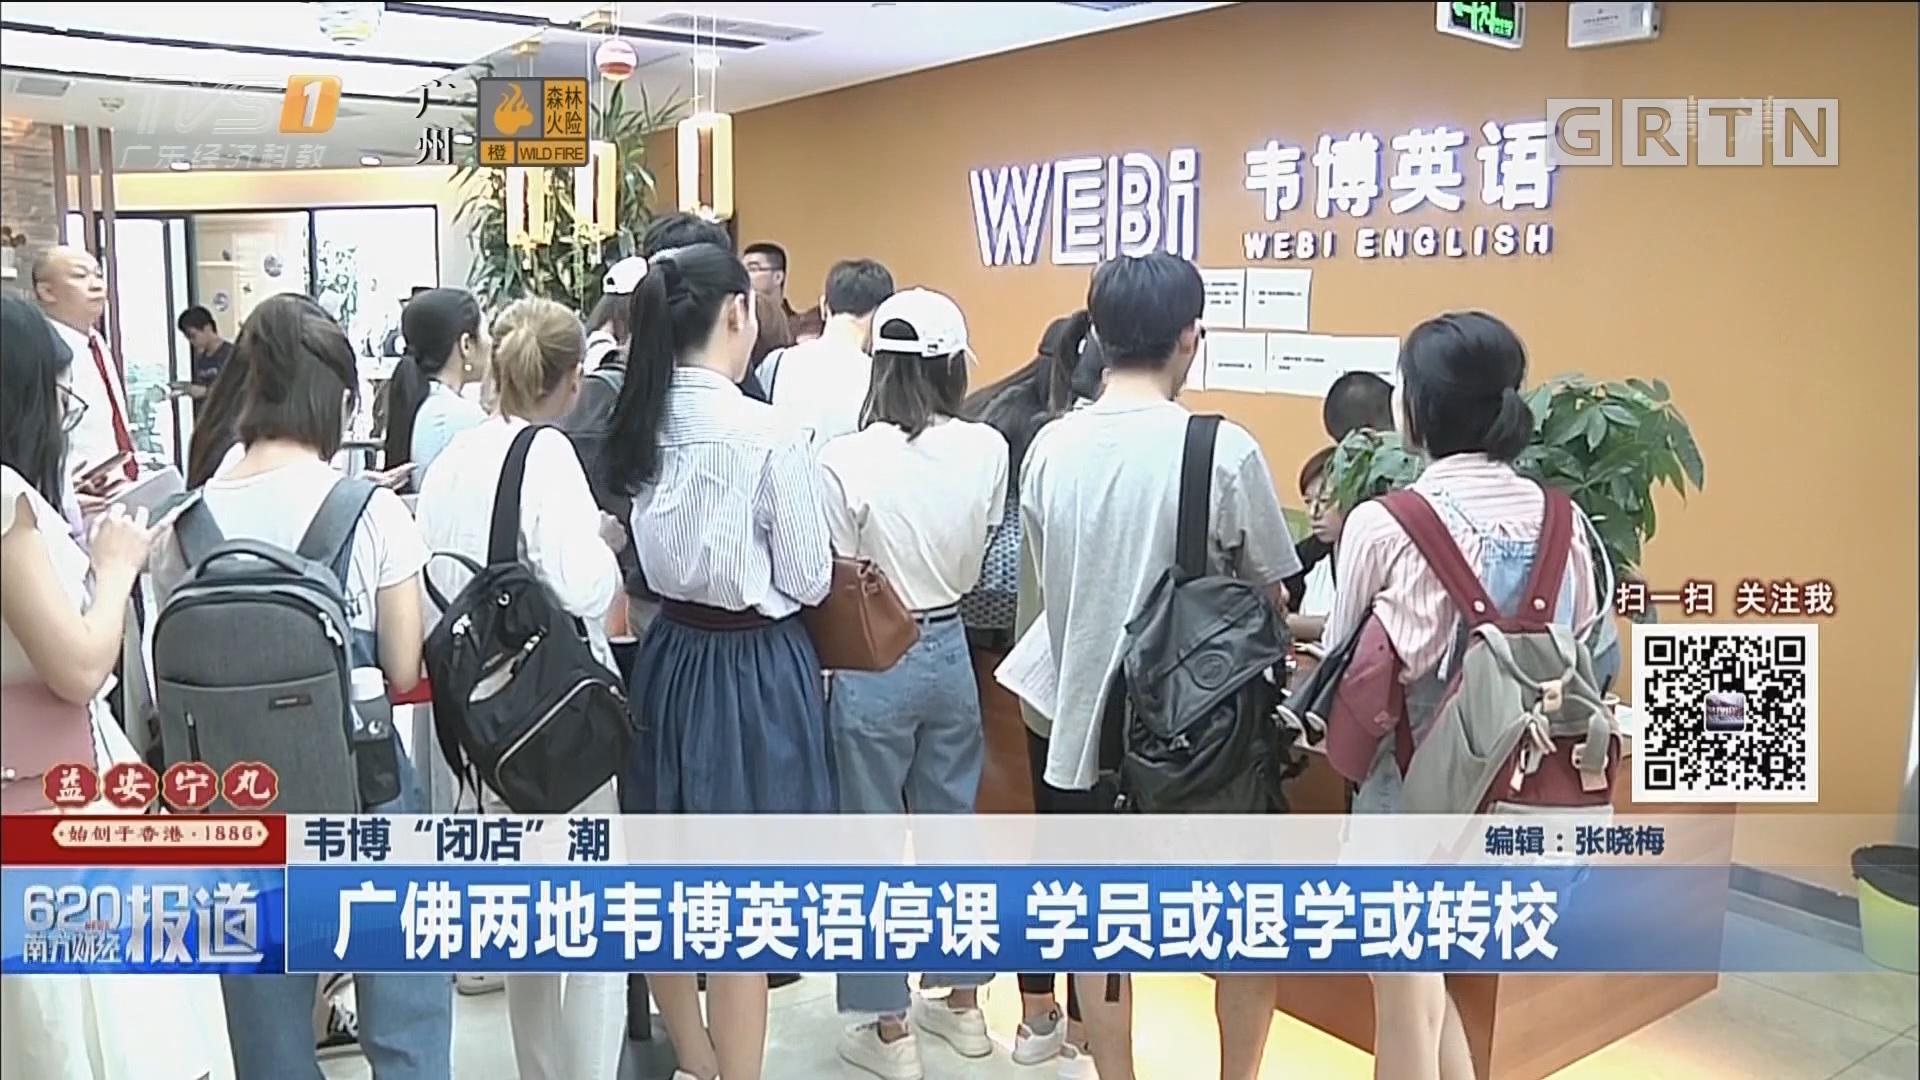 """韦博""""闭店""""潮:广佛两地韦博英语停课 学员或退学或转校"""